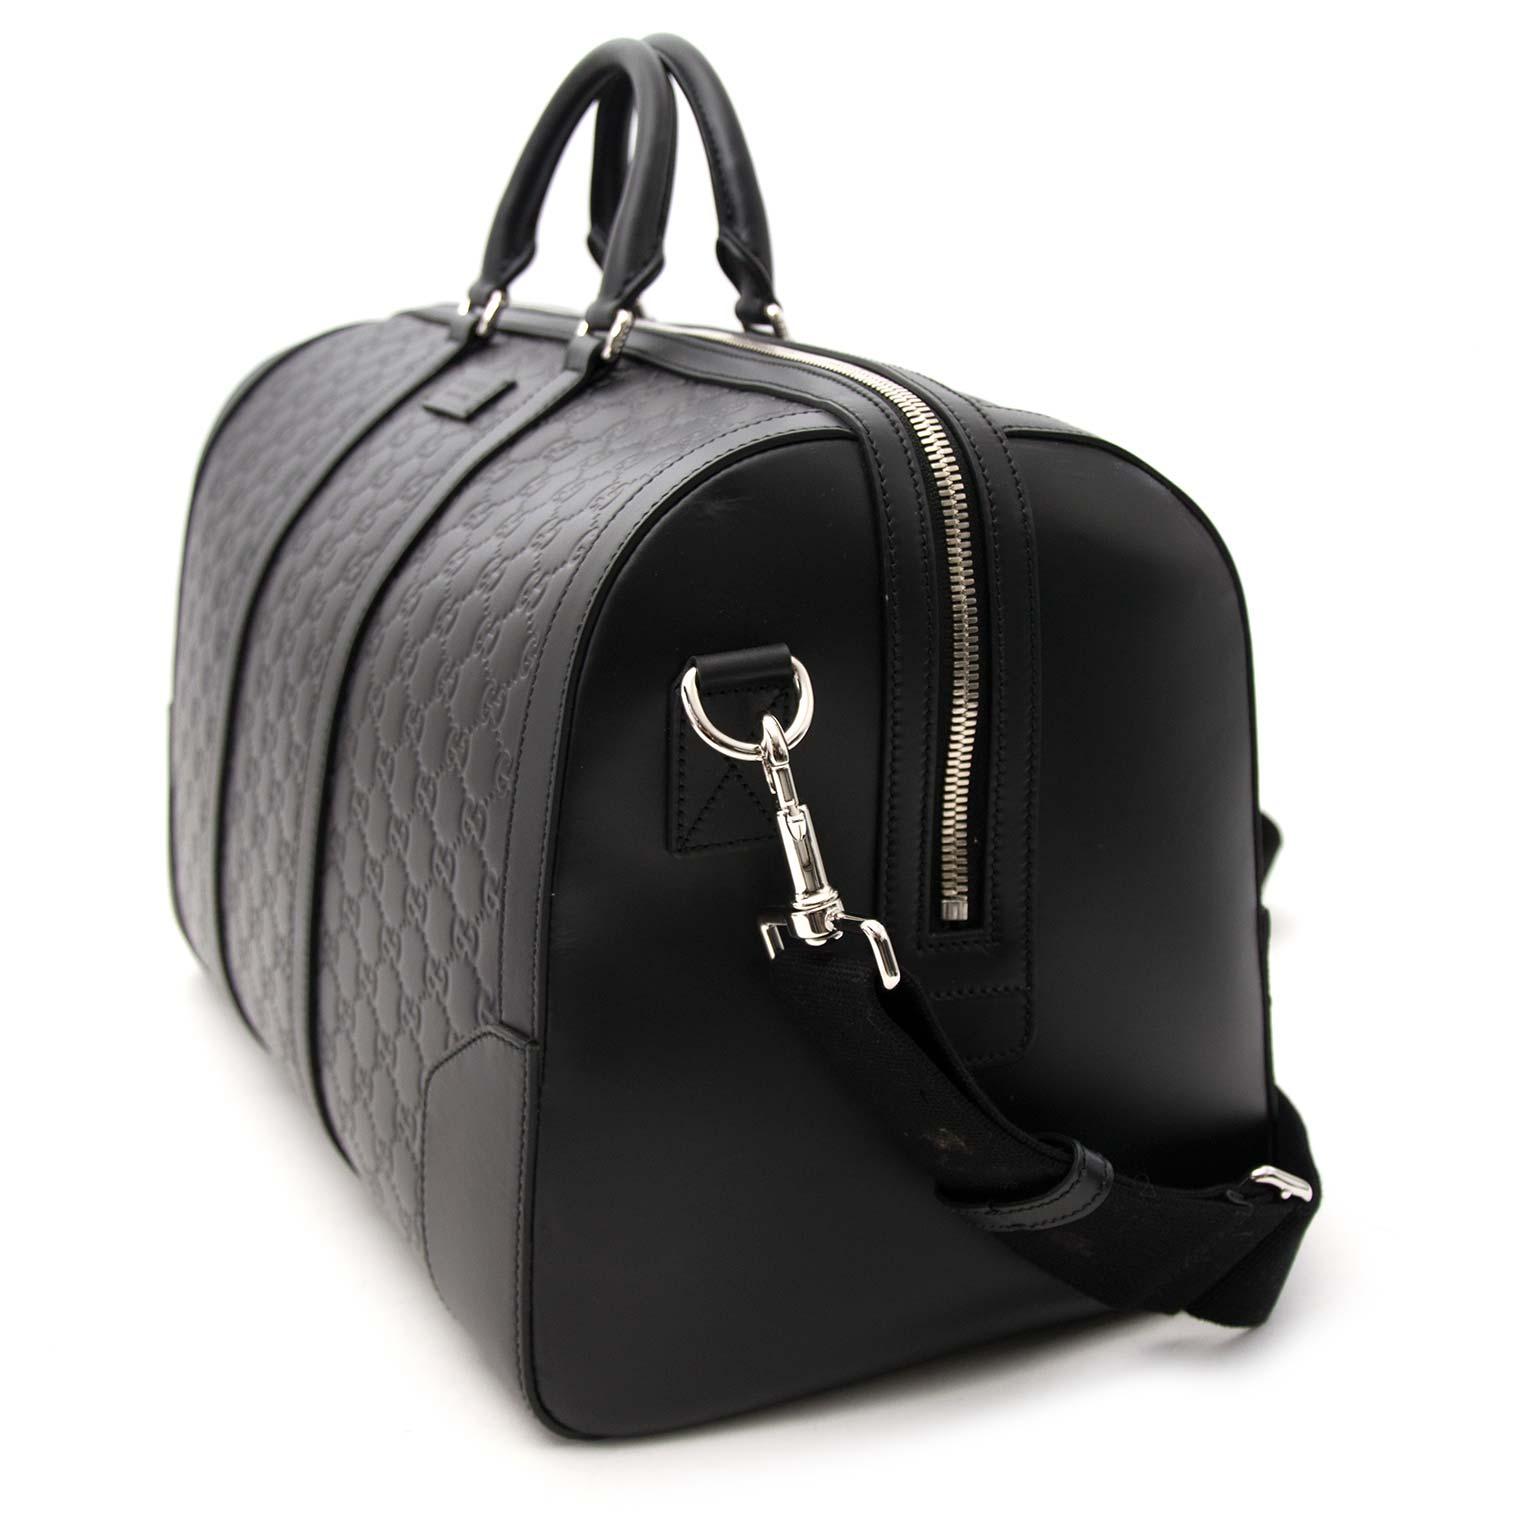 acheter en ligne pour le meilleur prix seconde main comme neuf 100% authentic Gucci Signature leather duffle Weekender